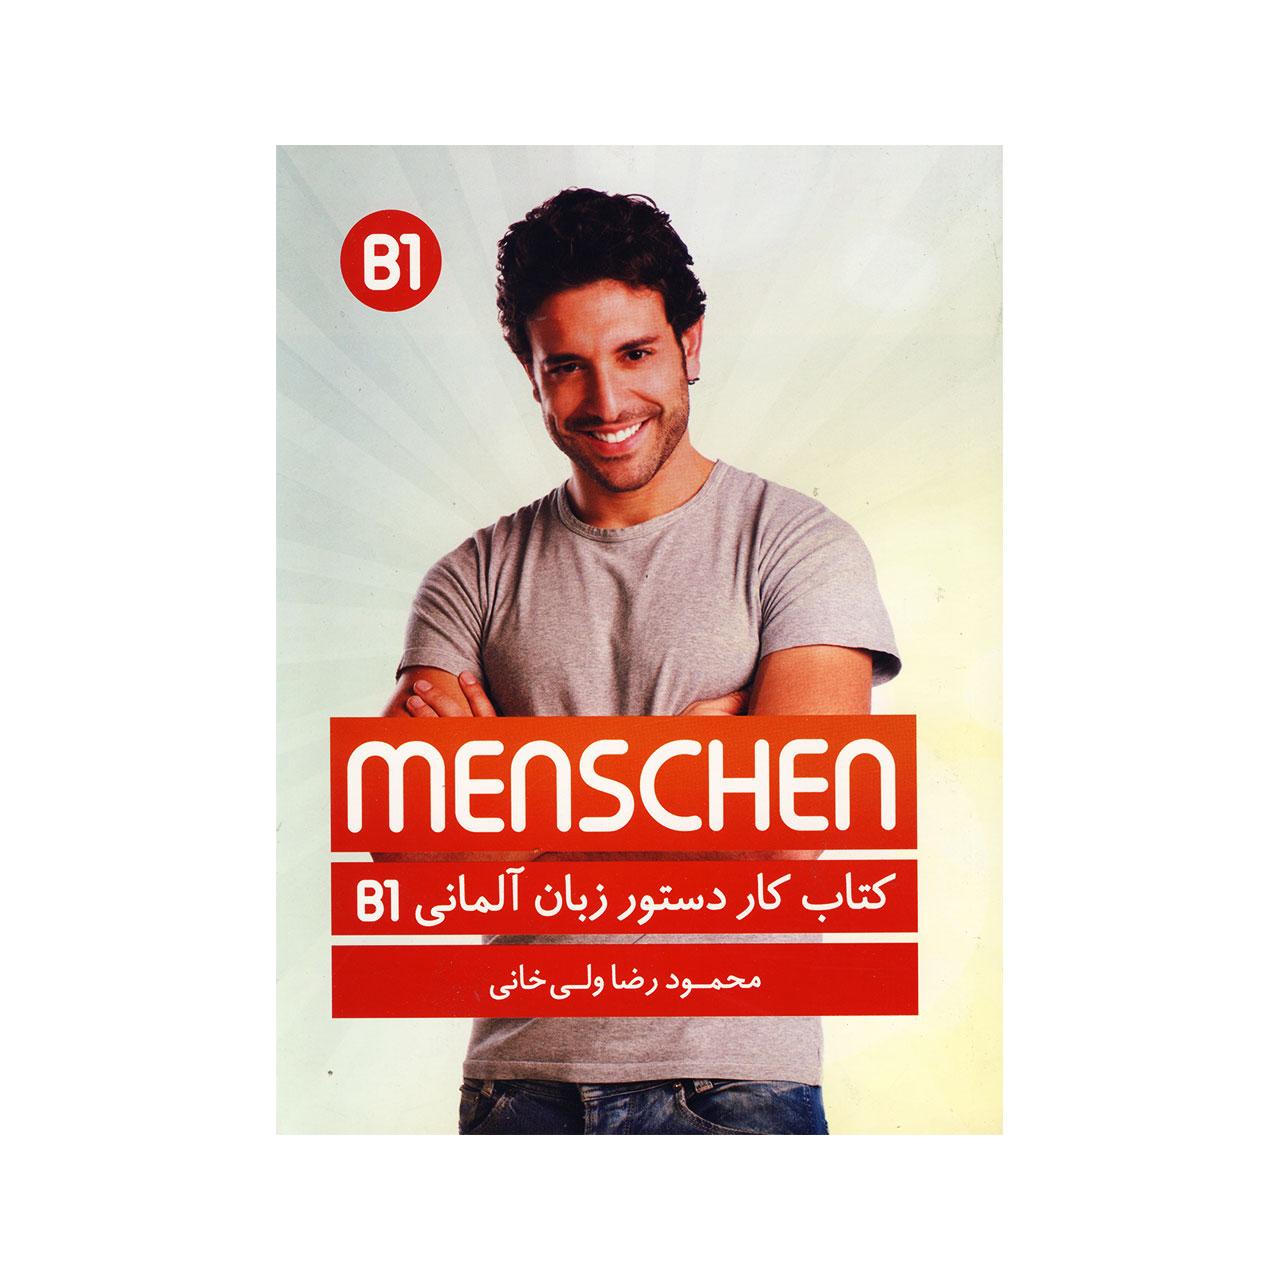 خرید                      کتاب کار دستور زبان آلمانی منشن B1 اثر محمودرضا ولی خانی انتشارات راین